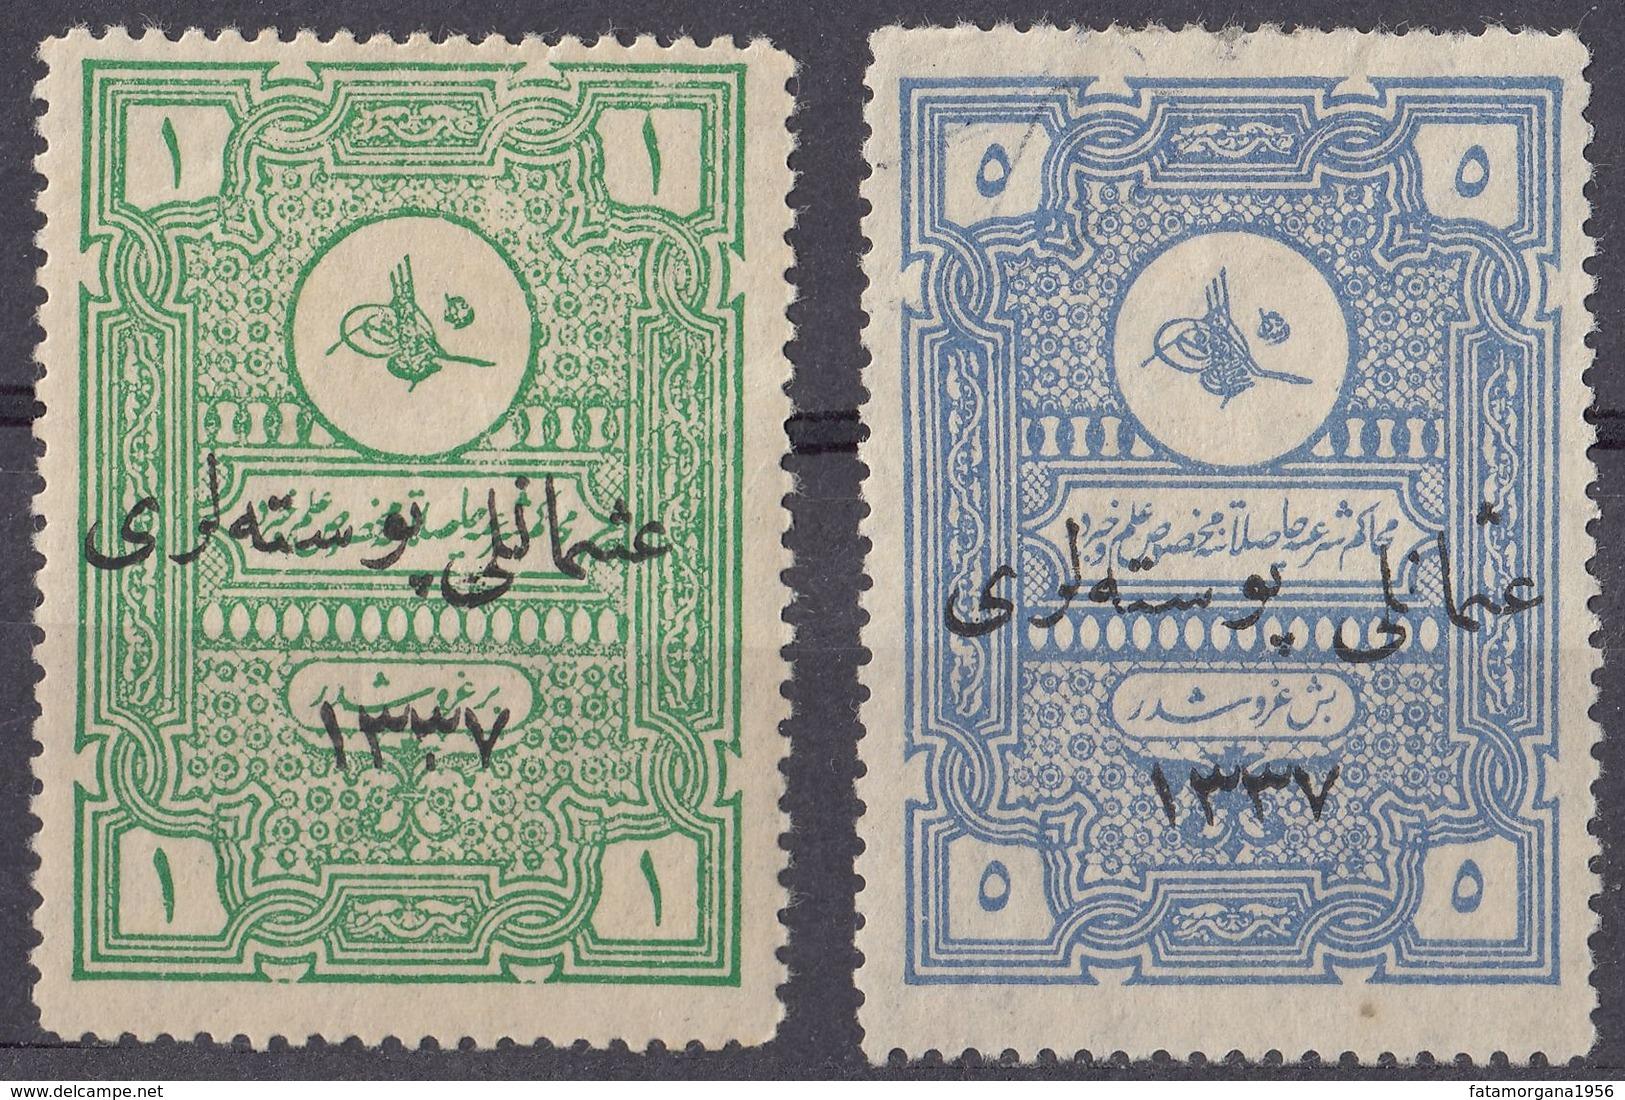 ANATOLIA - 1921 - Lotto Di 2 Valorinuovi MH: Yvert 24 E 25, Francobolli Dei Tribunali Religiosi. - 1920-21 Anatolia